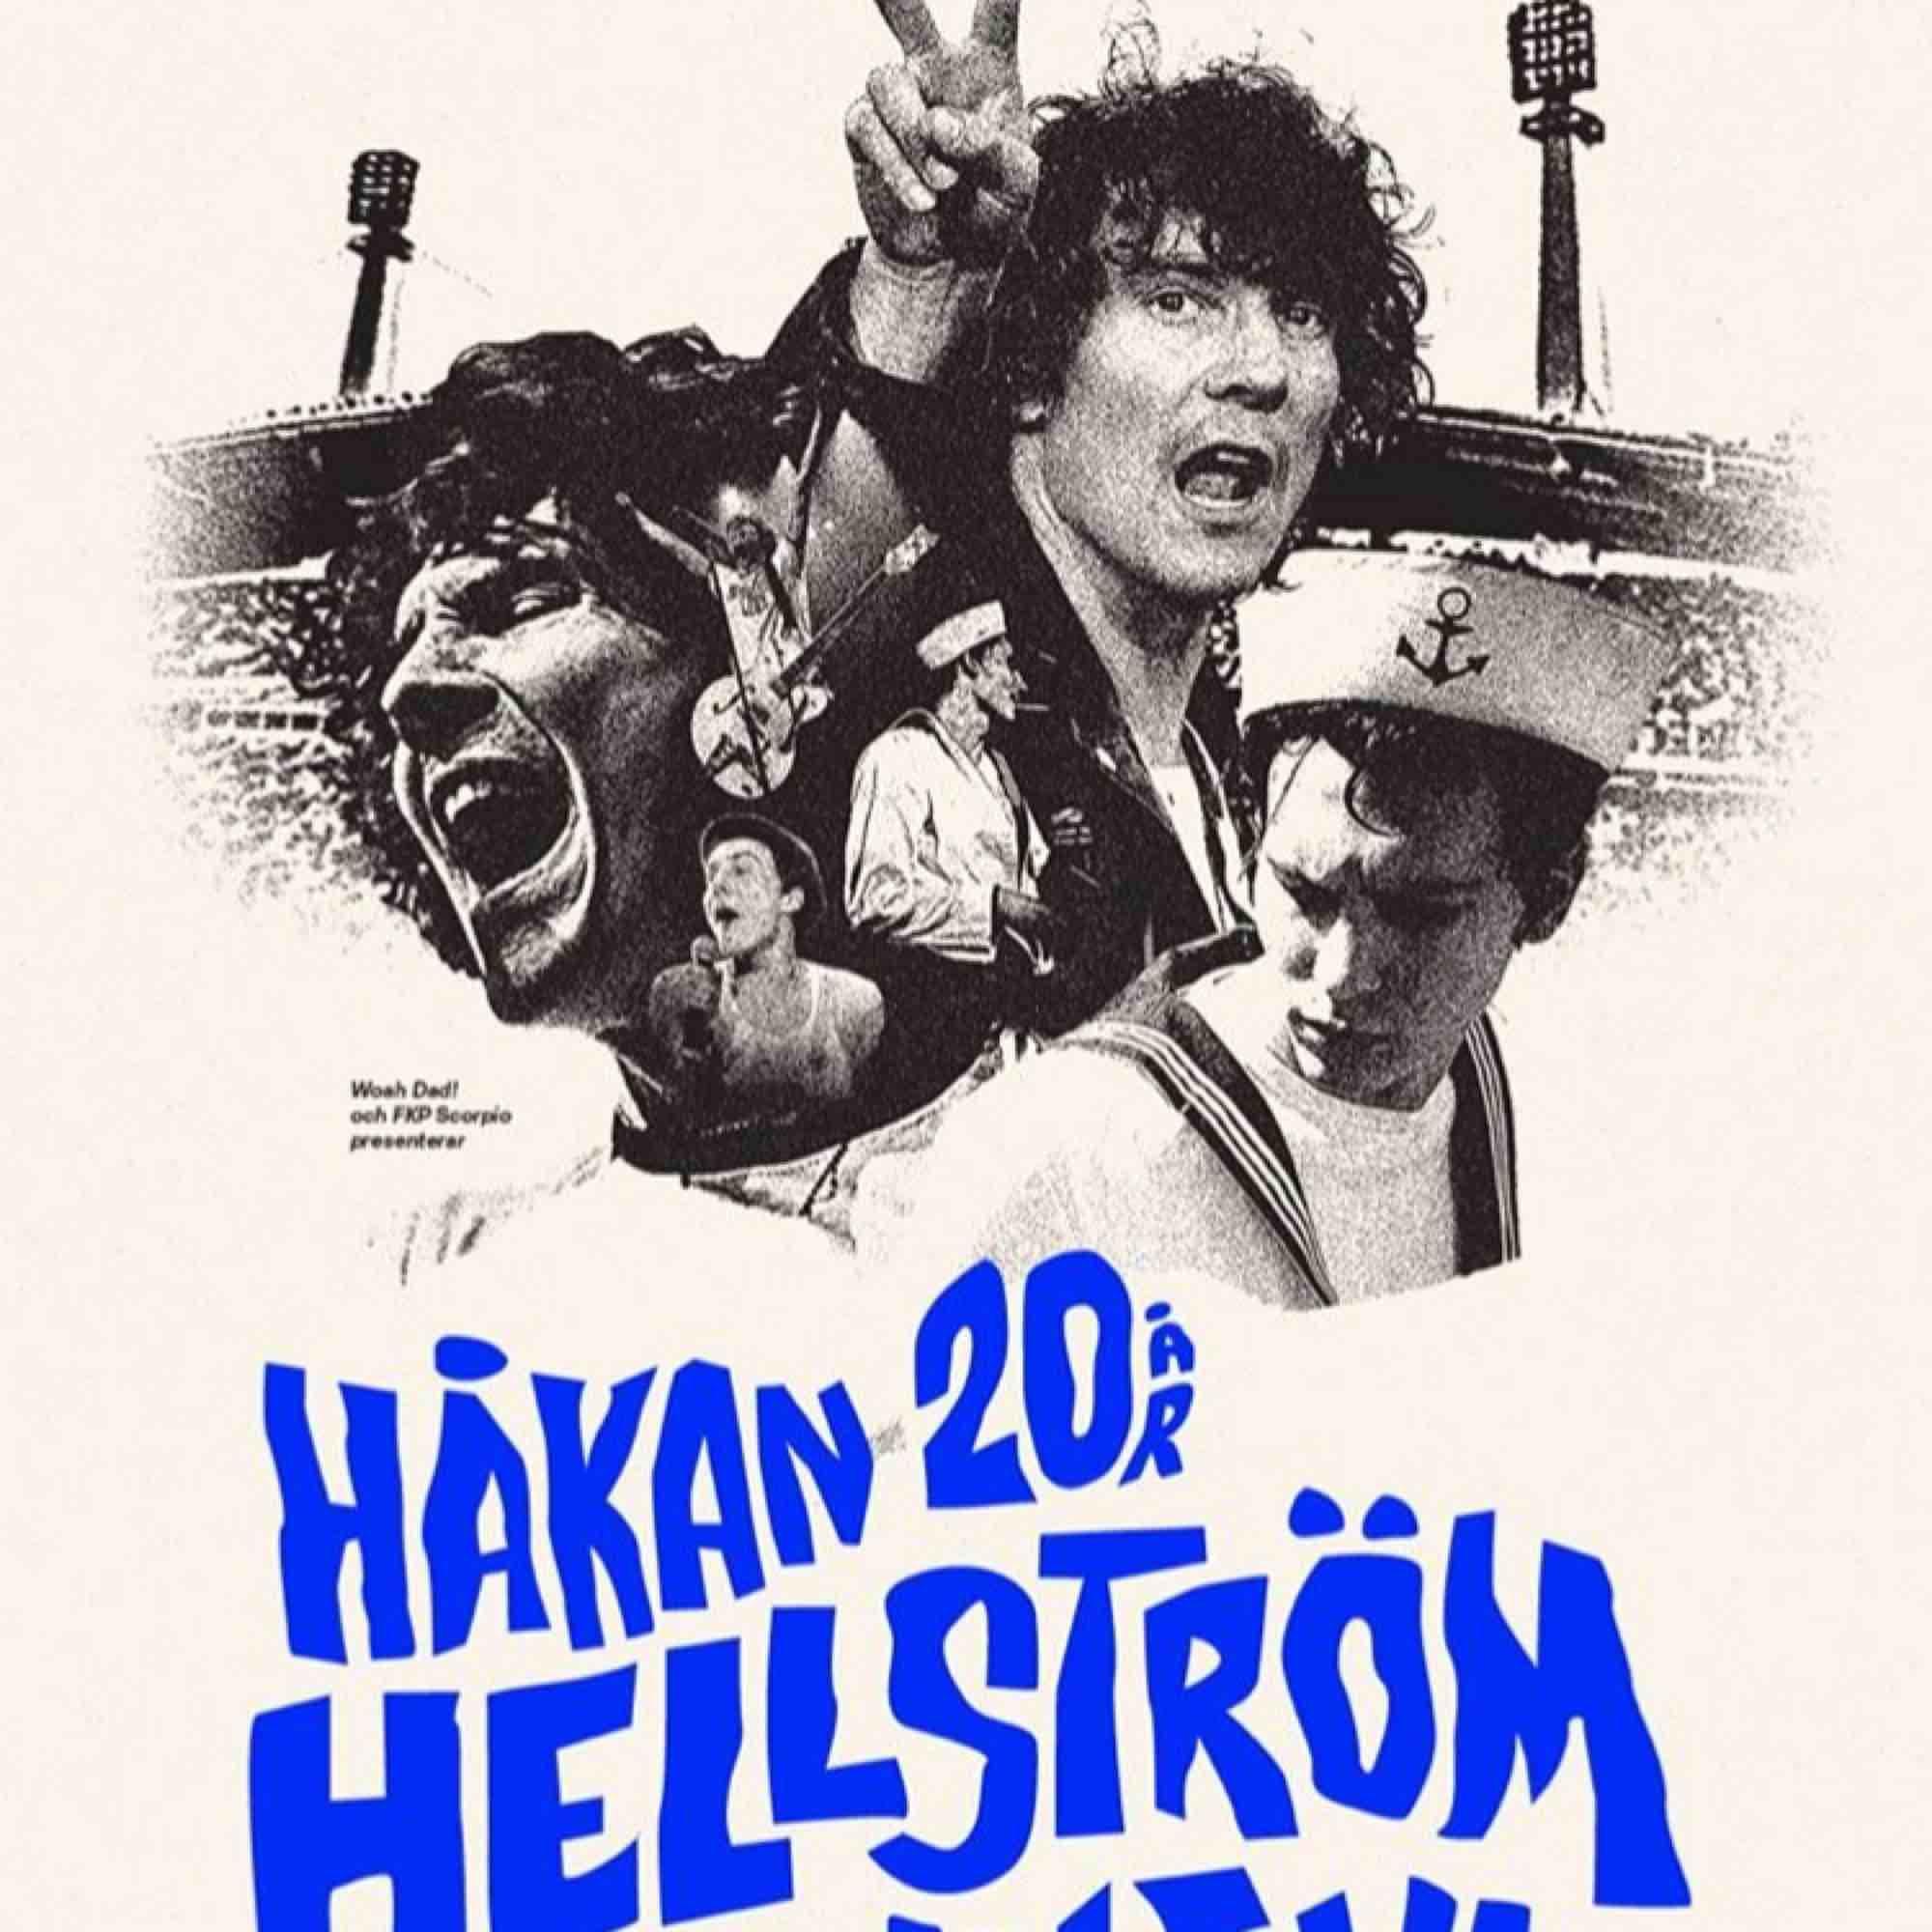 SÄLJER 2 biljetter till Håkan 2020!! Budgivning har börjat och pågår från 5/9 !! Högst bud vinner!!! Originalpris 1390 kr:) SKYNDA FYNDA. Övrigt.